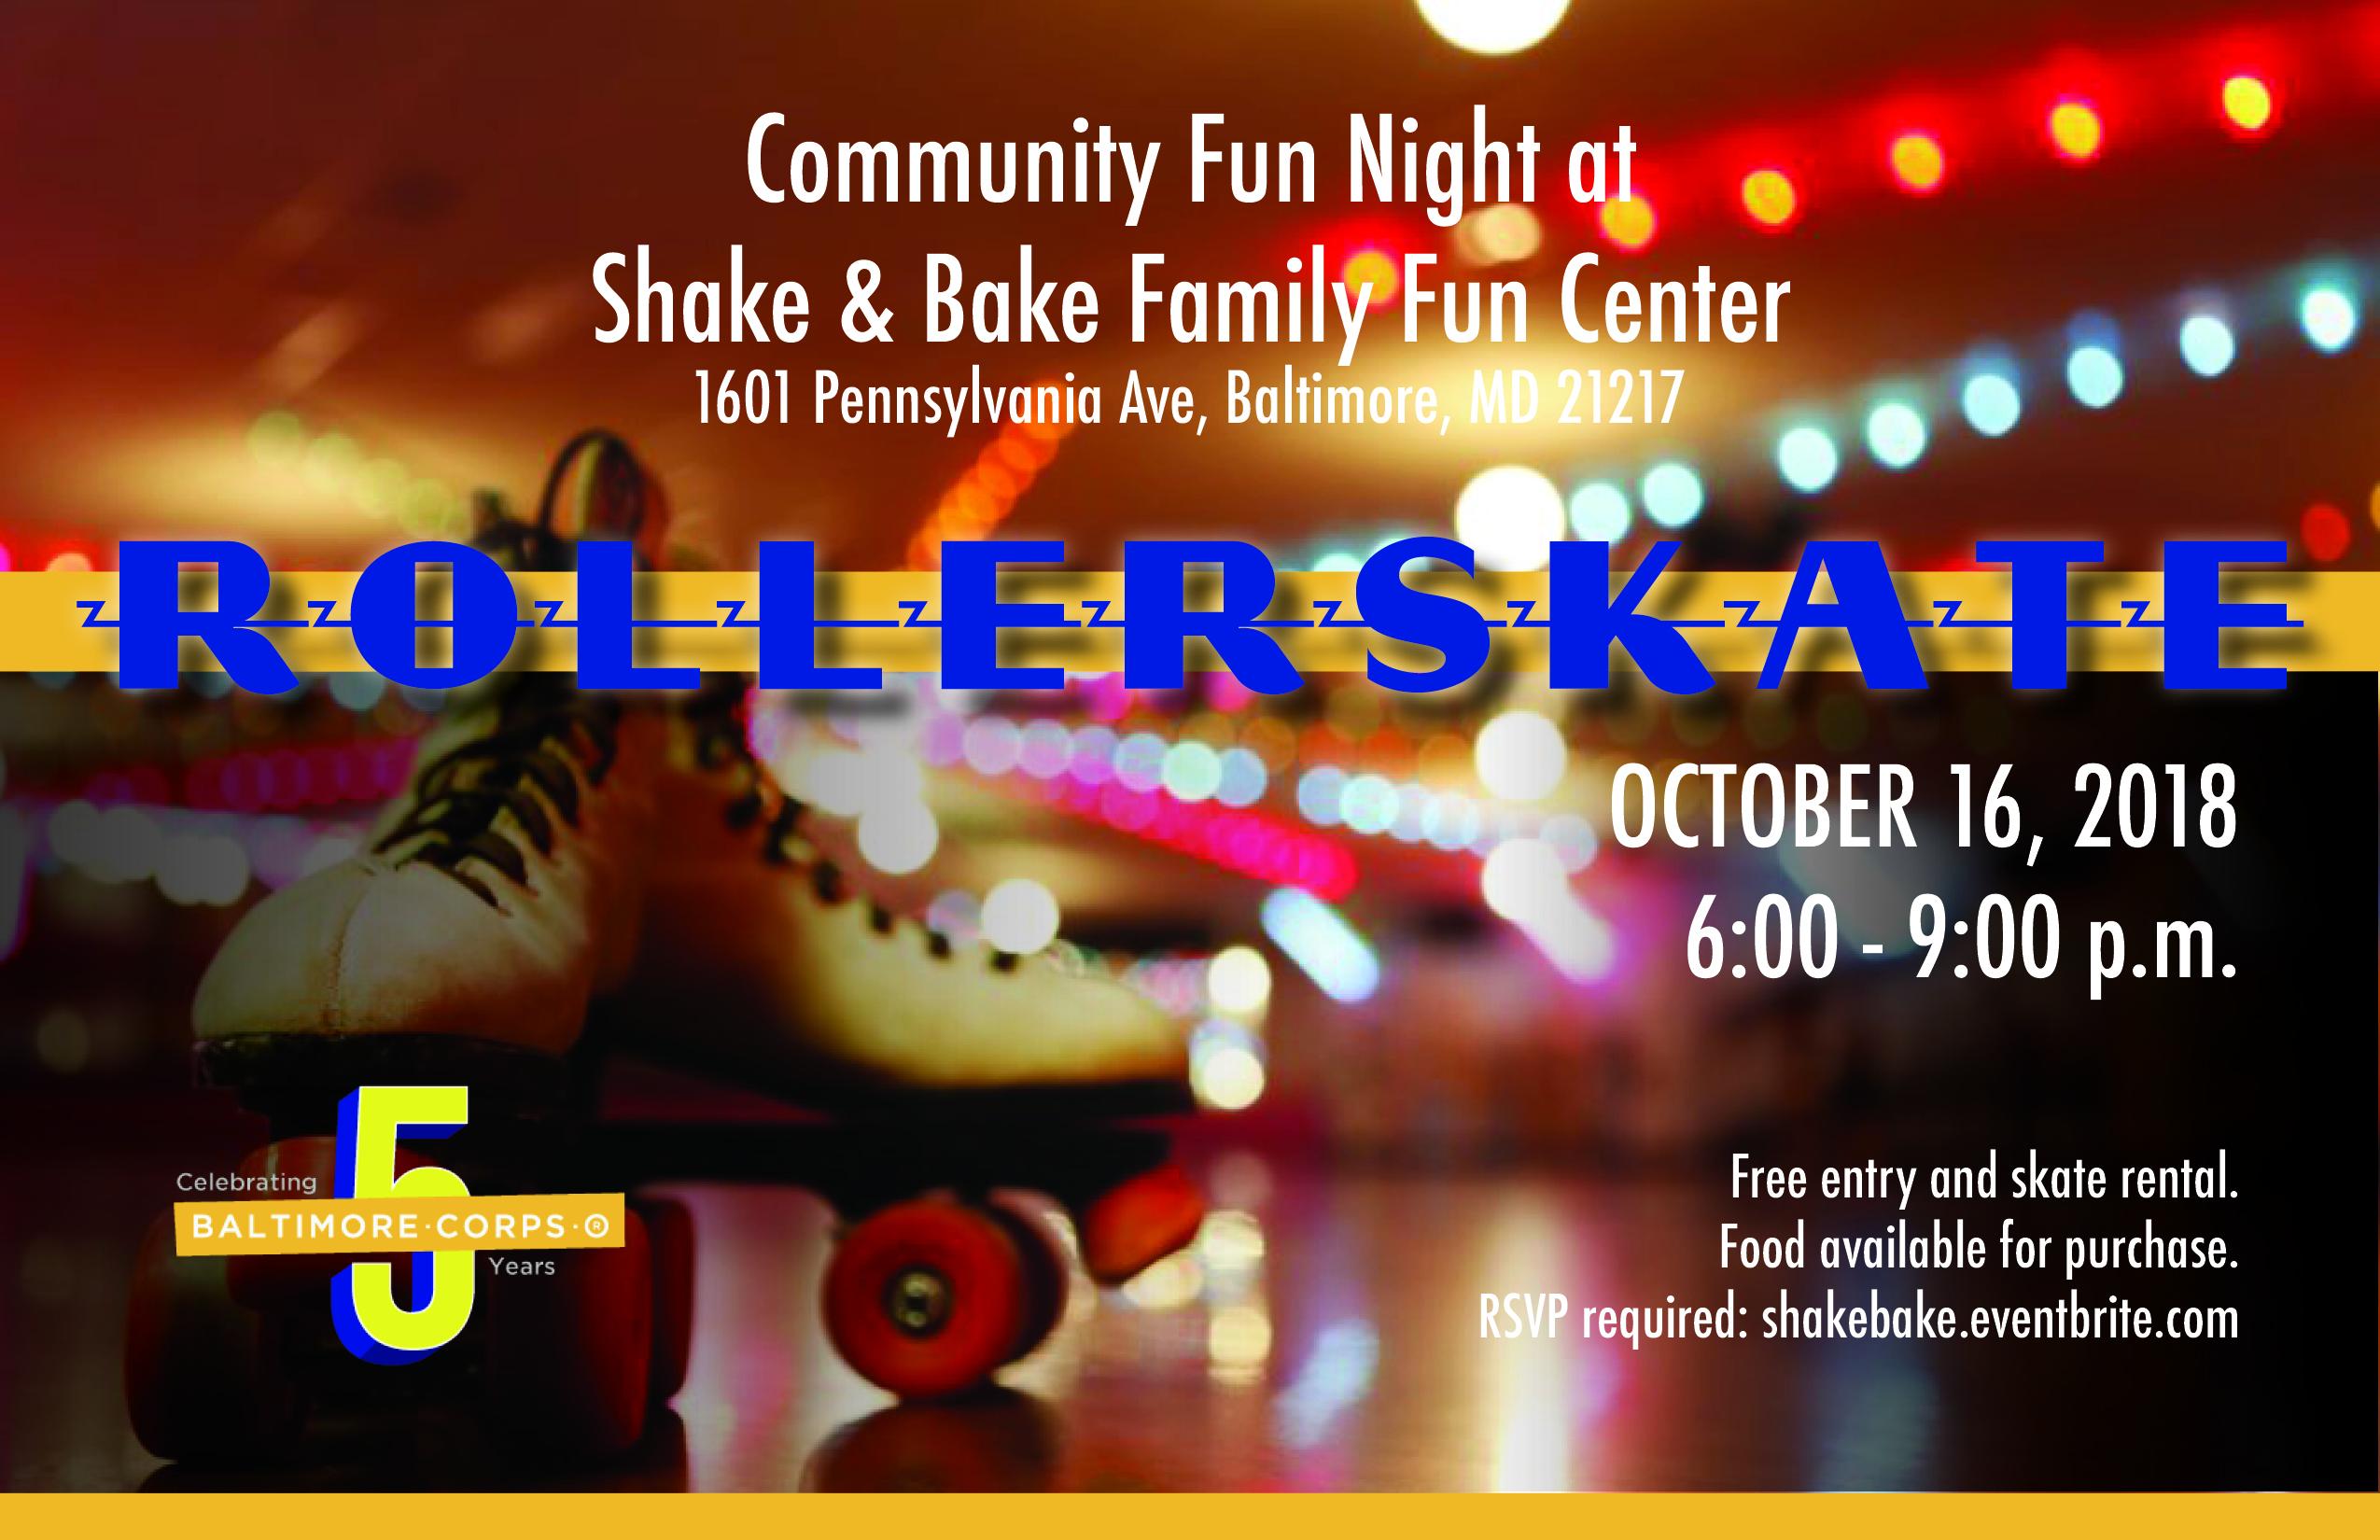 Community Fun Night at Shake and Bake